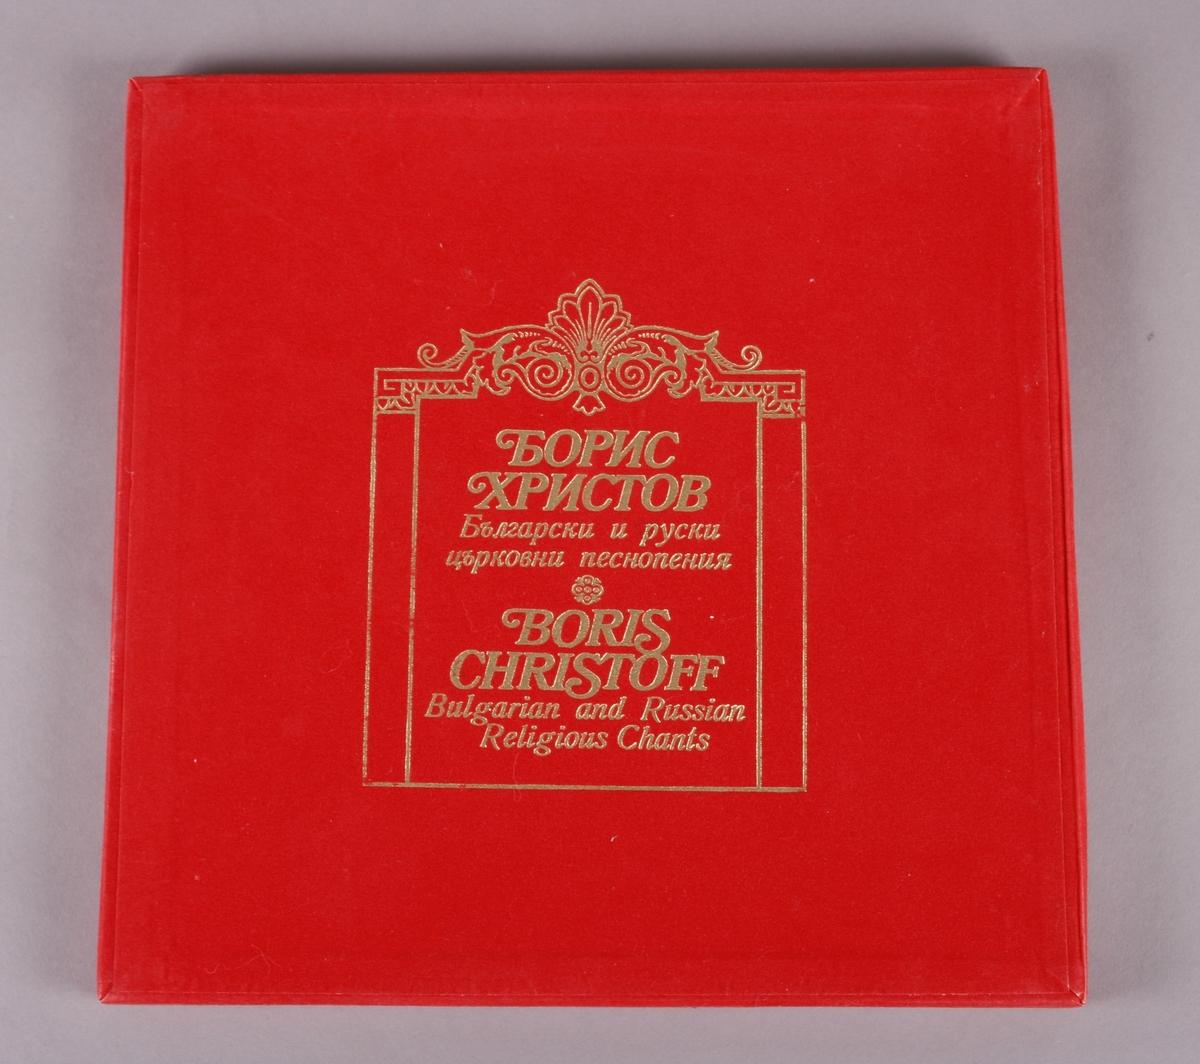 Grammofonplate i stor vinyl. Platen ligger i et plateomslag av papp. Ligger også med et hefte med beskrivelse av artisten, samt to identitiske papirark (se bilder). Platen er plassert i en papirlomme.